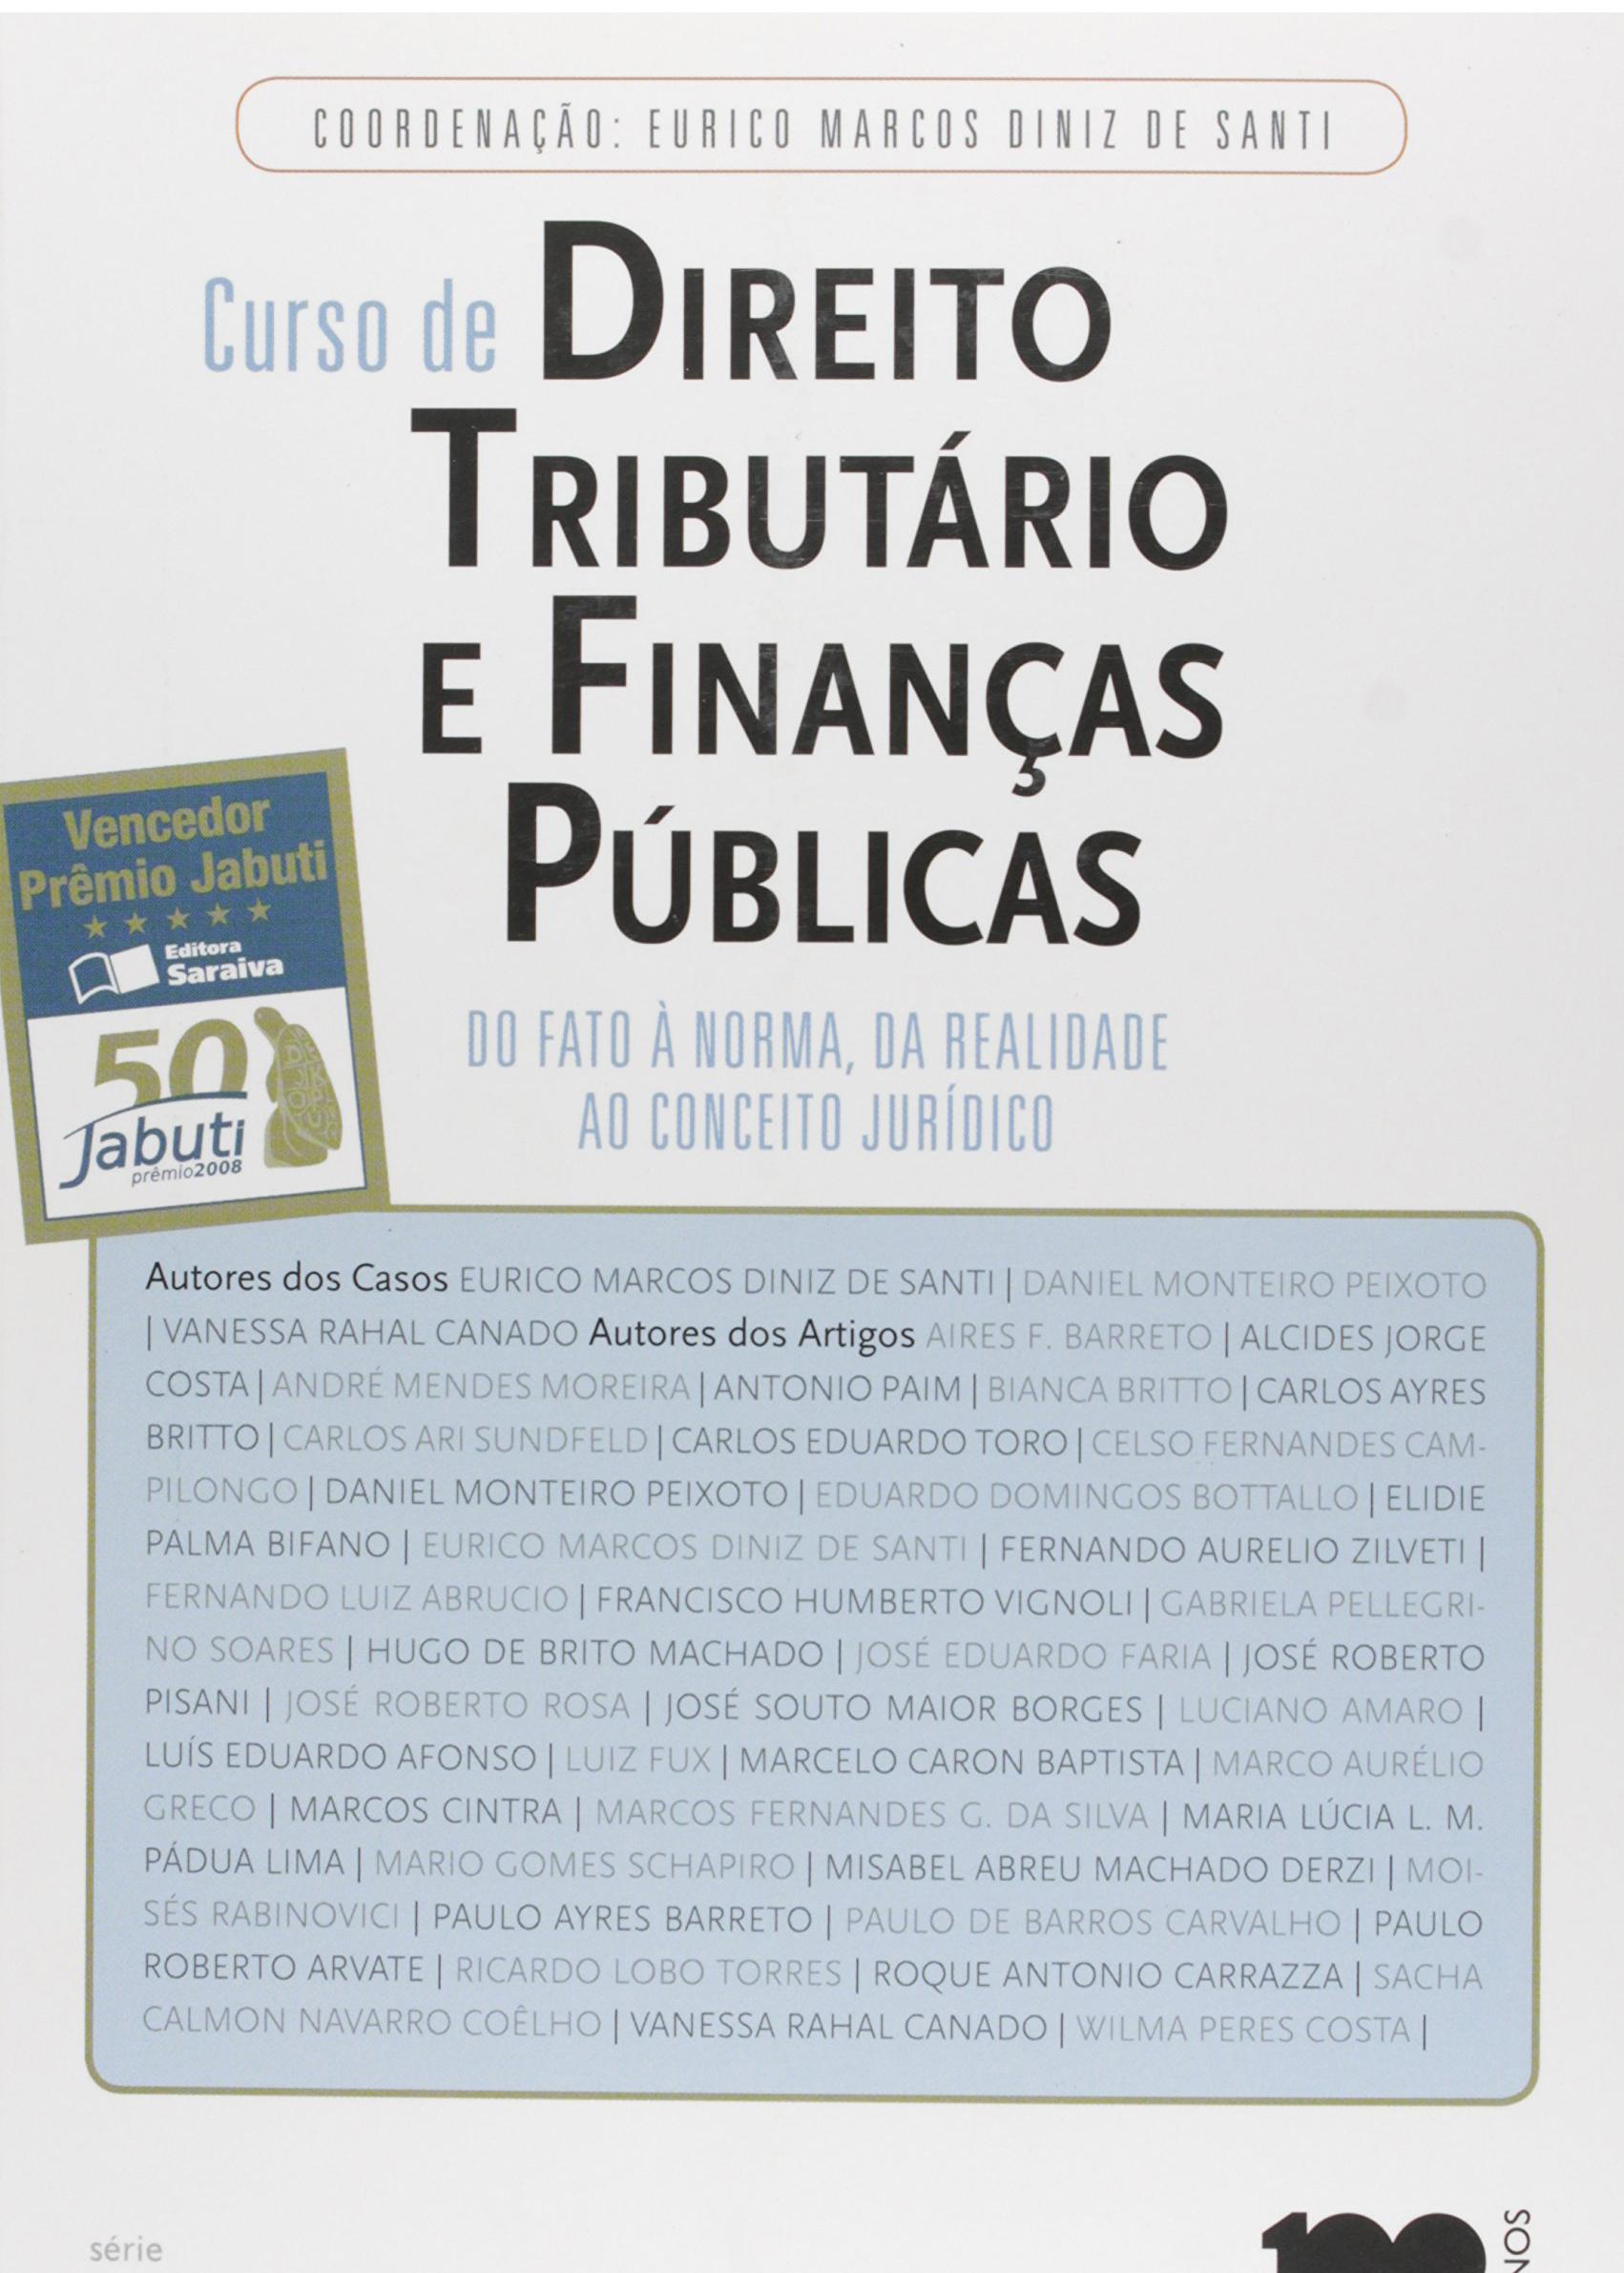 Diniz, de Santi - Curso de Direito Tributário e Finanças Públicas.jpg